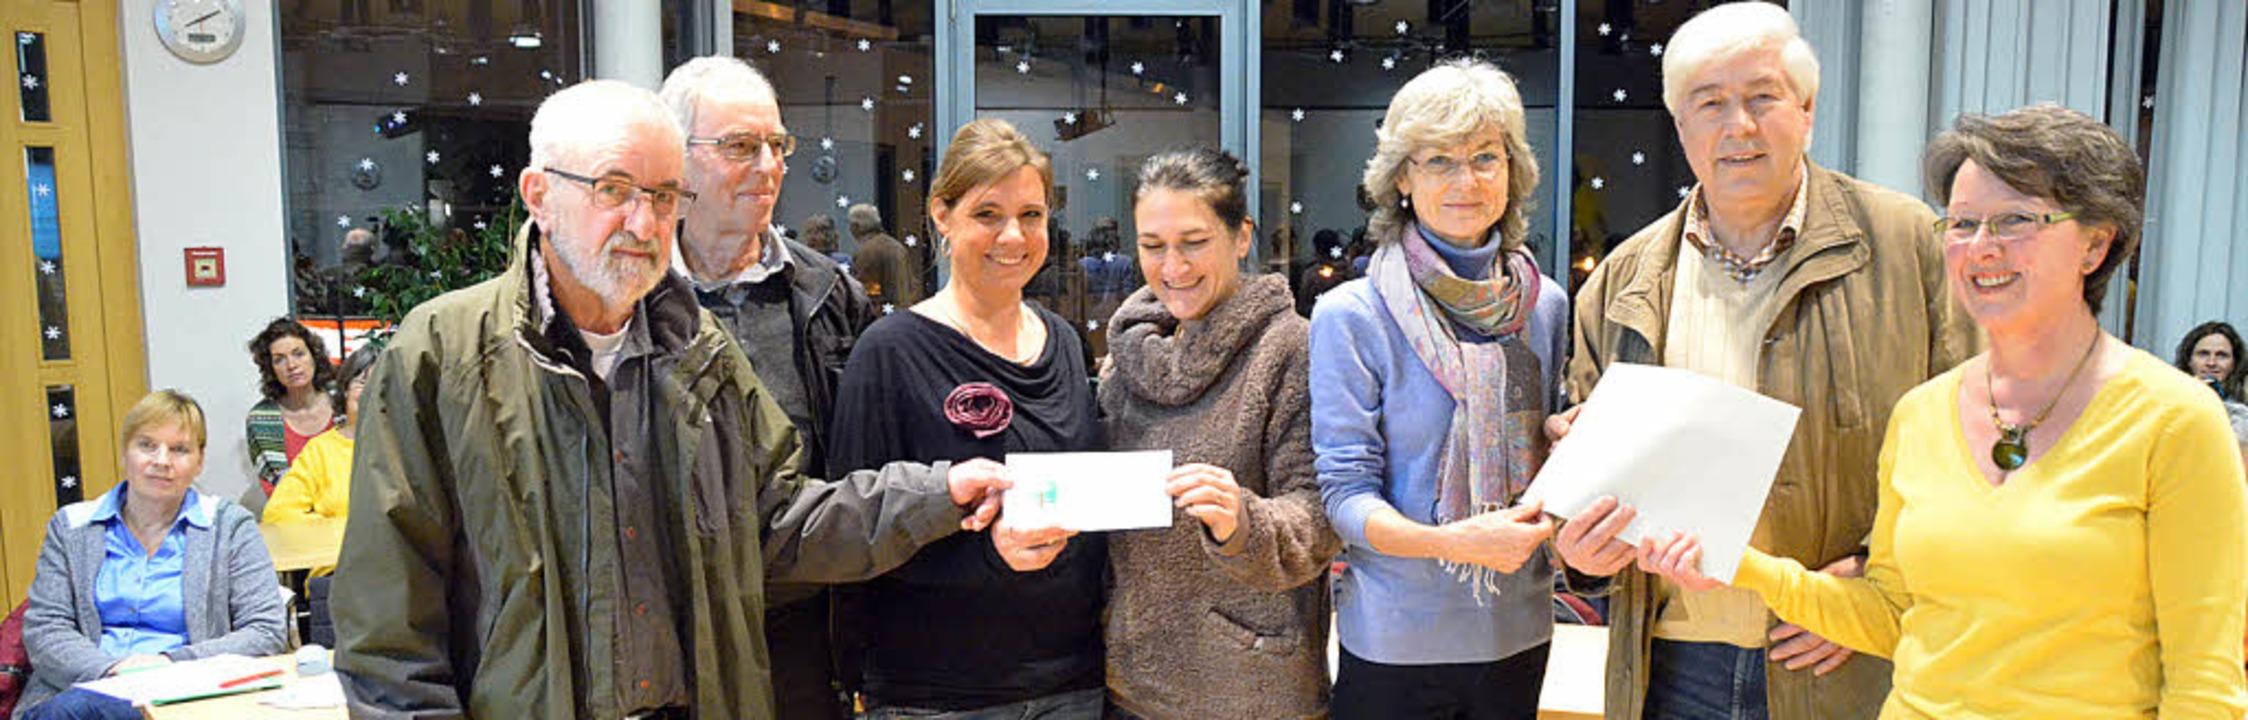 Großzügige Spenden für den Asylkreis F...nd Angelika Nestmann vom  Sängerbund.   | Foto: Langelott